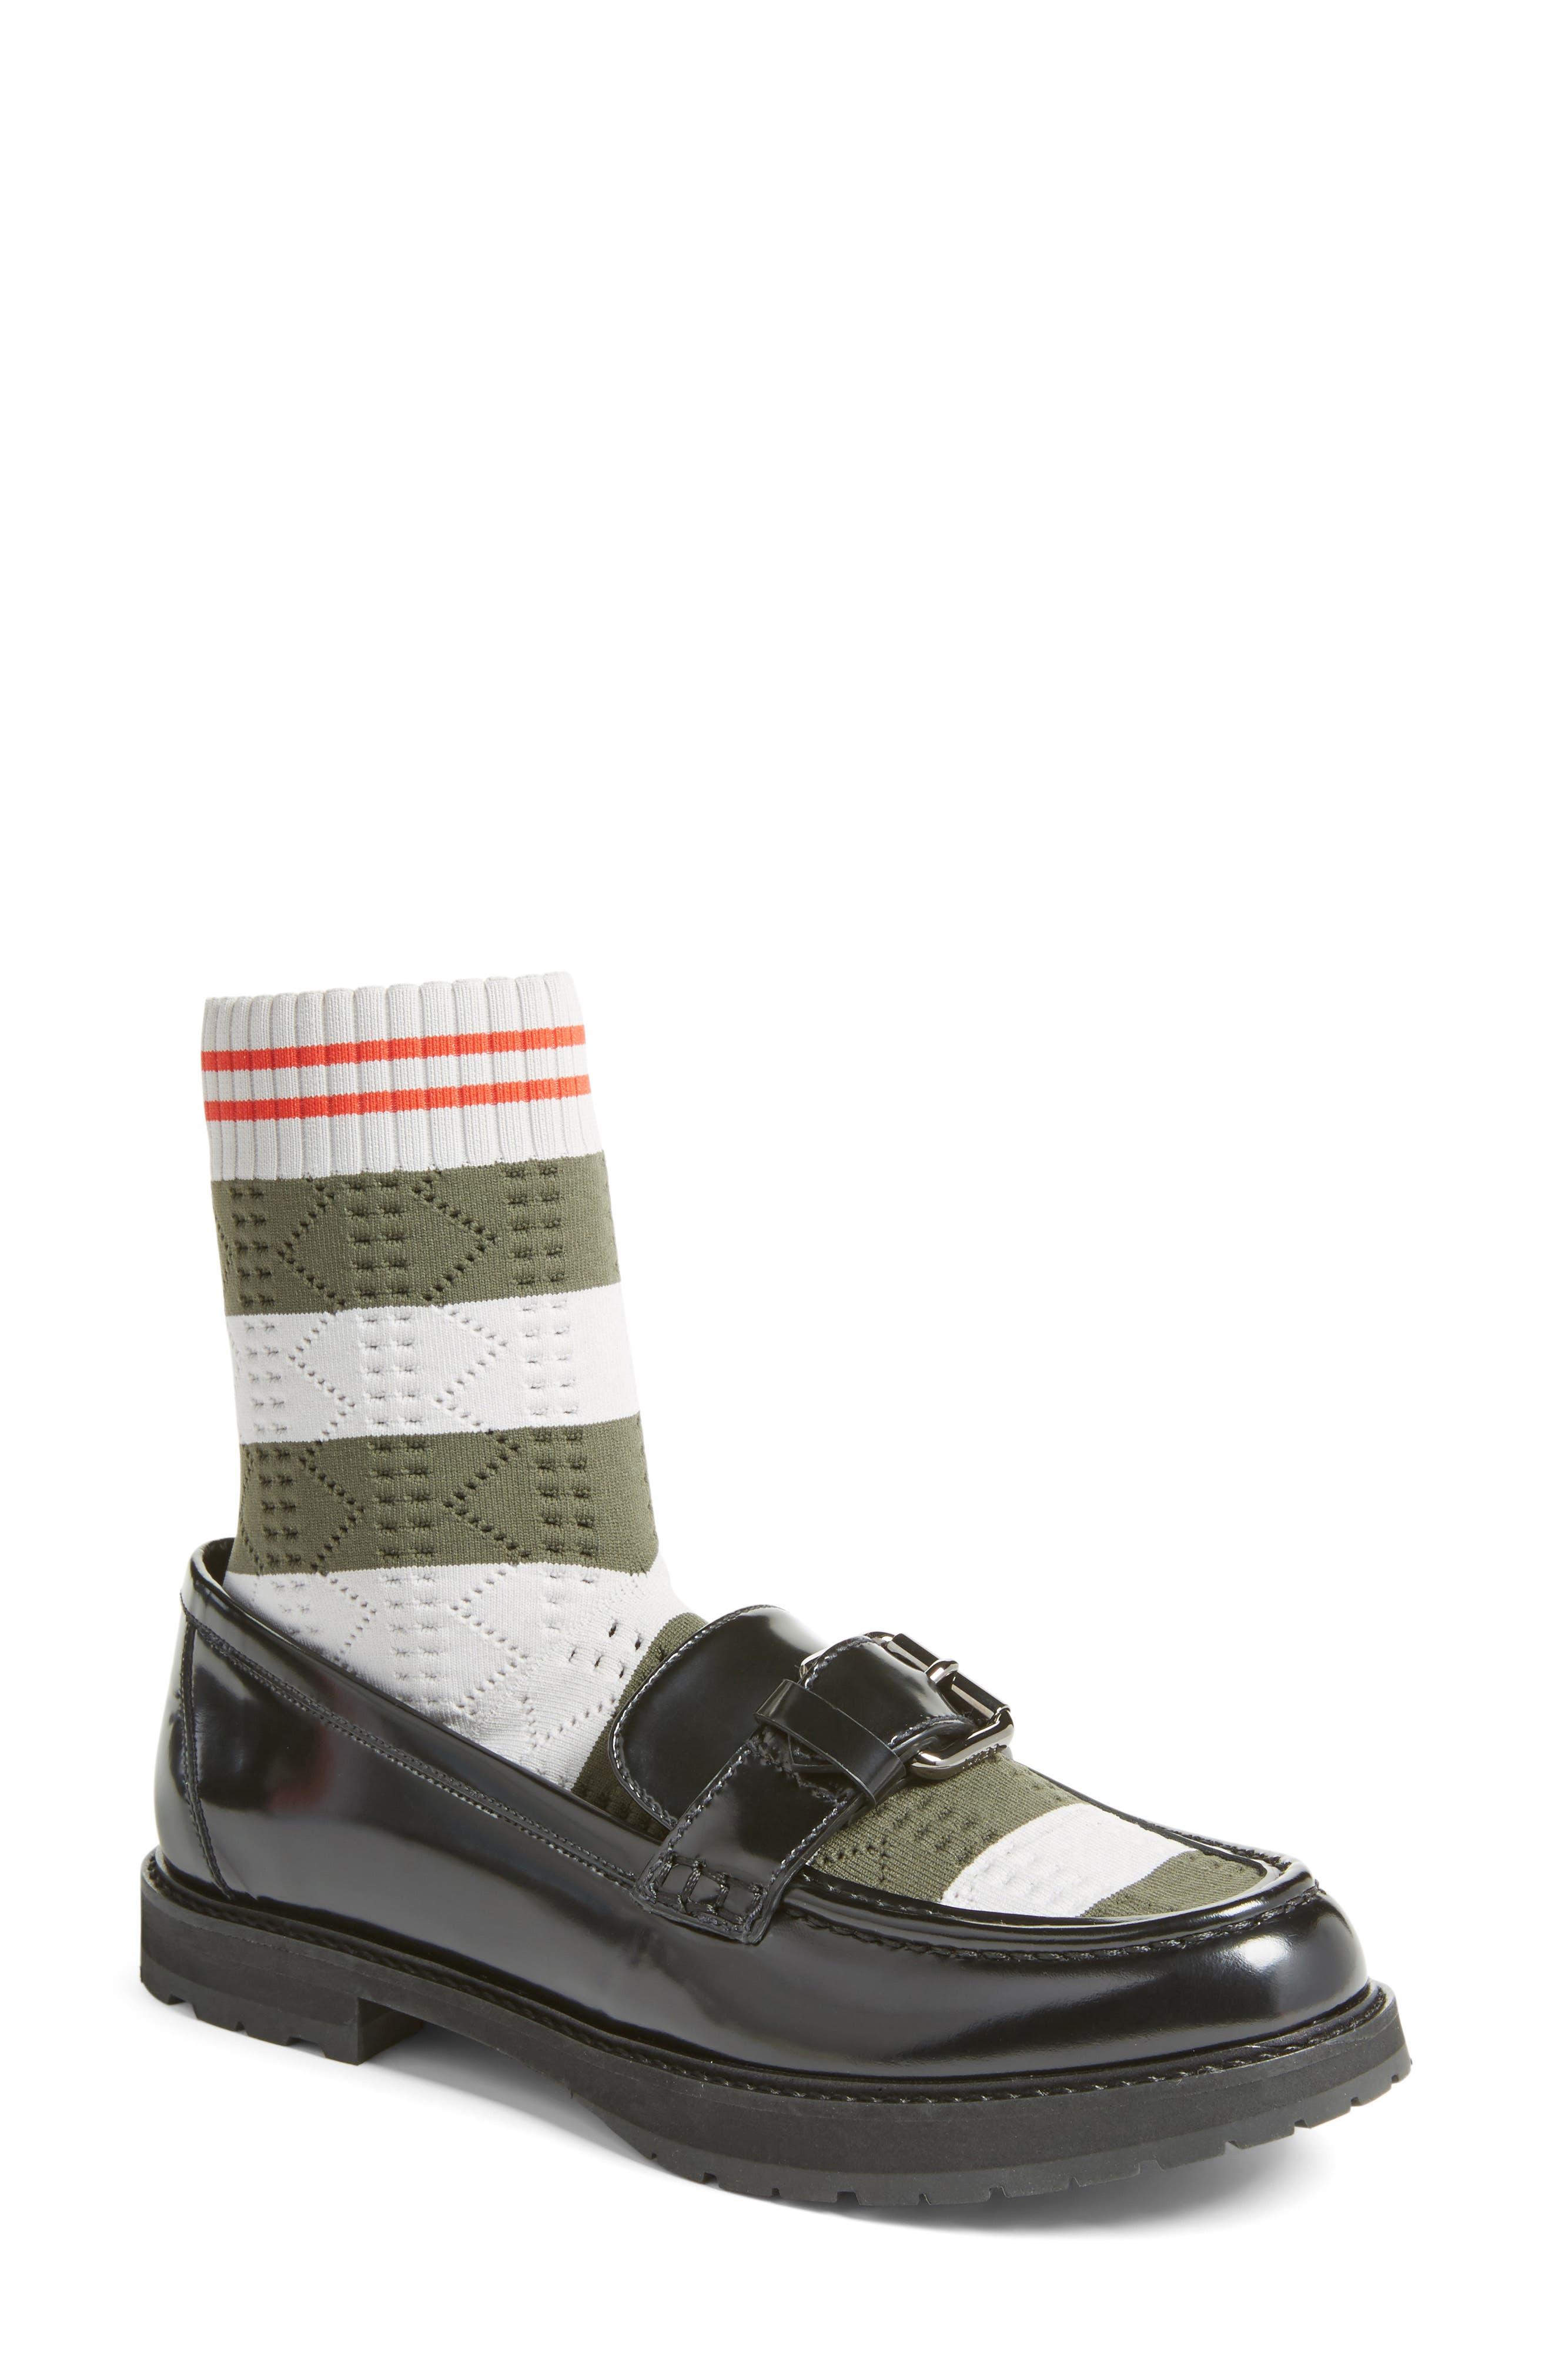 Alternate Image 1 Selected - Fendi Marie Antoinette Sock Loafer (Women)